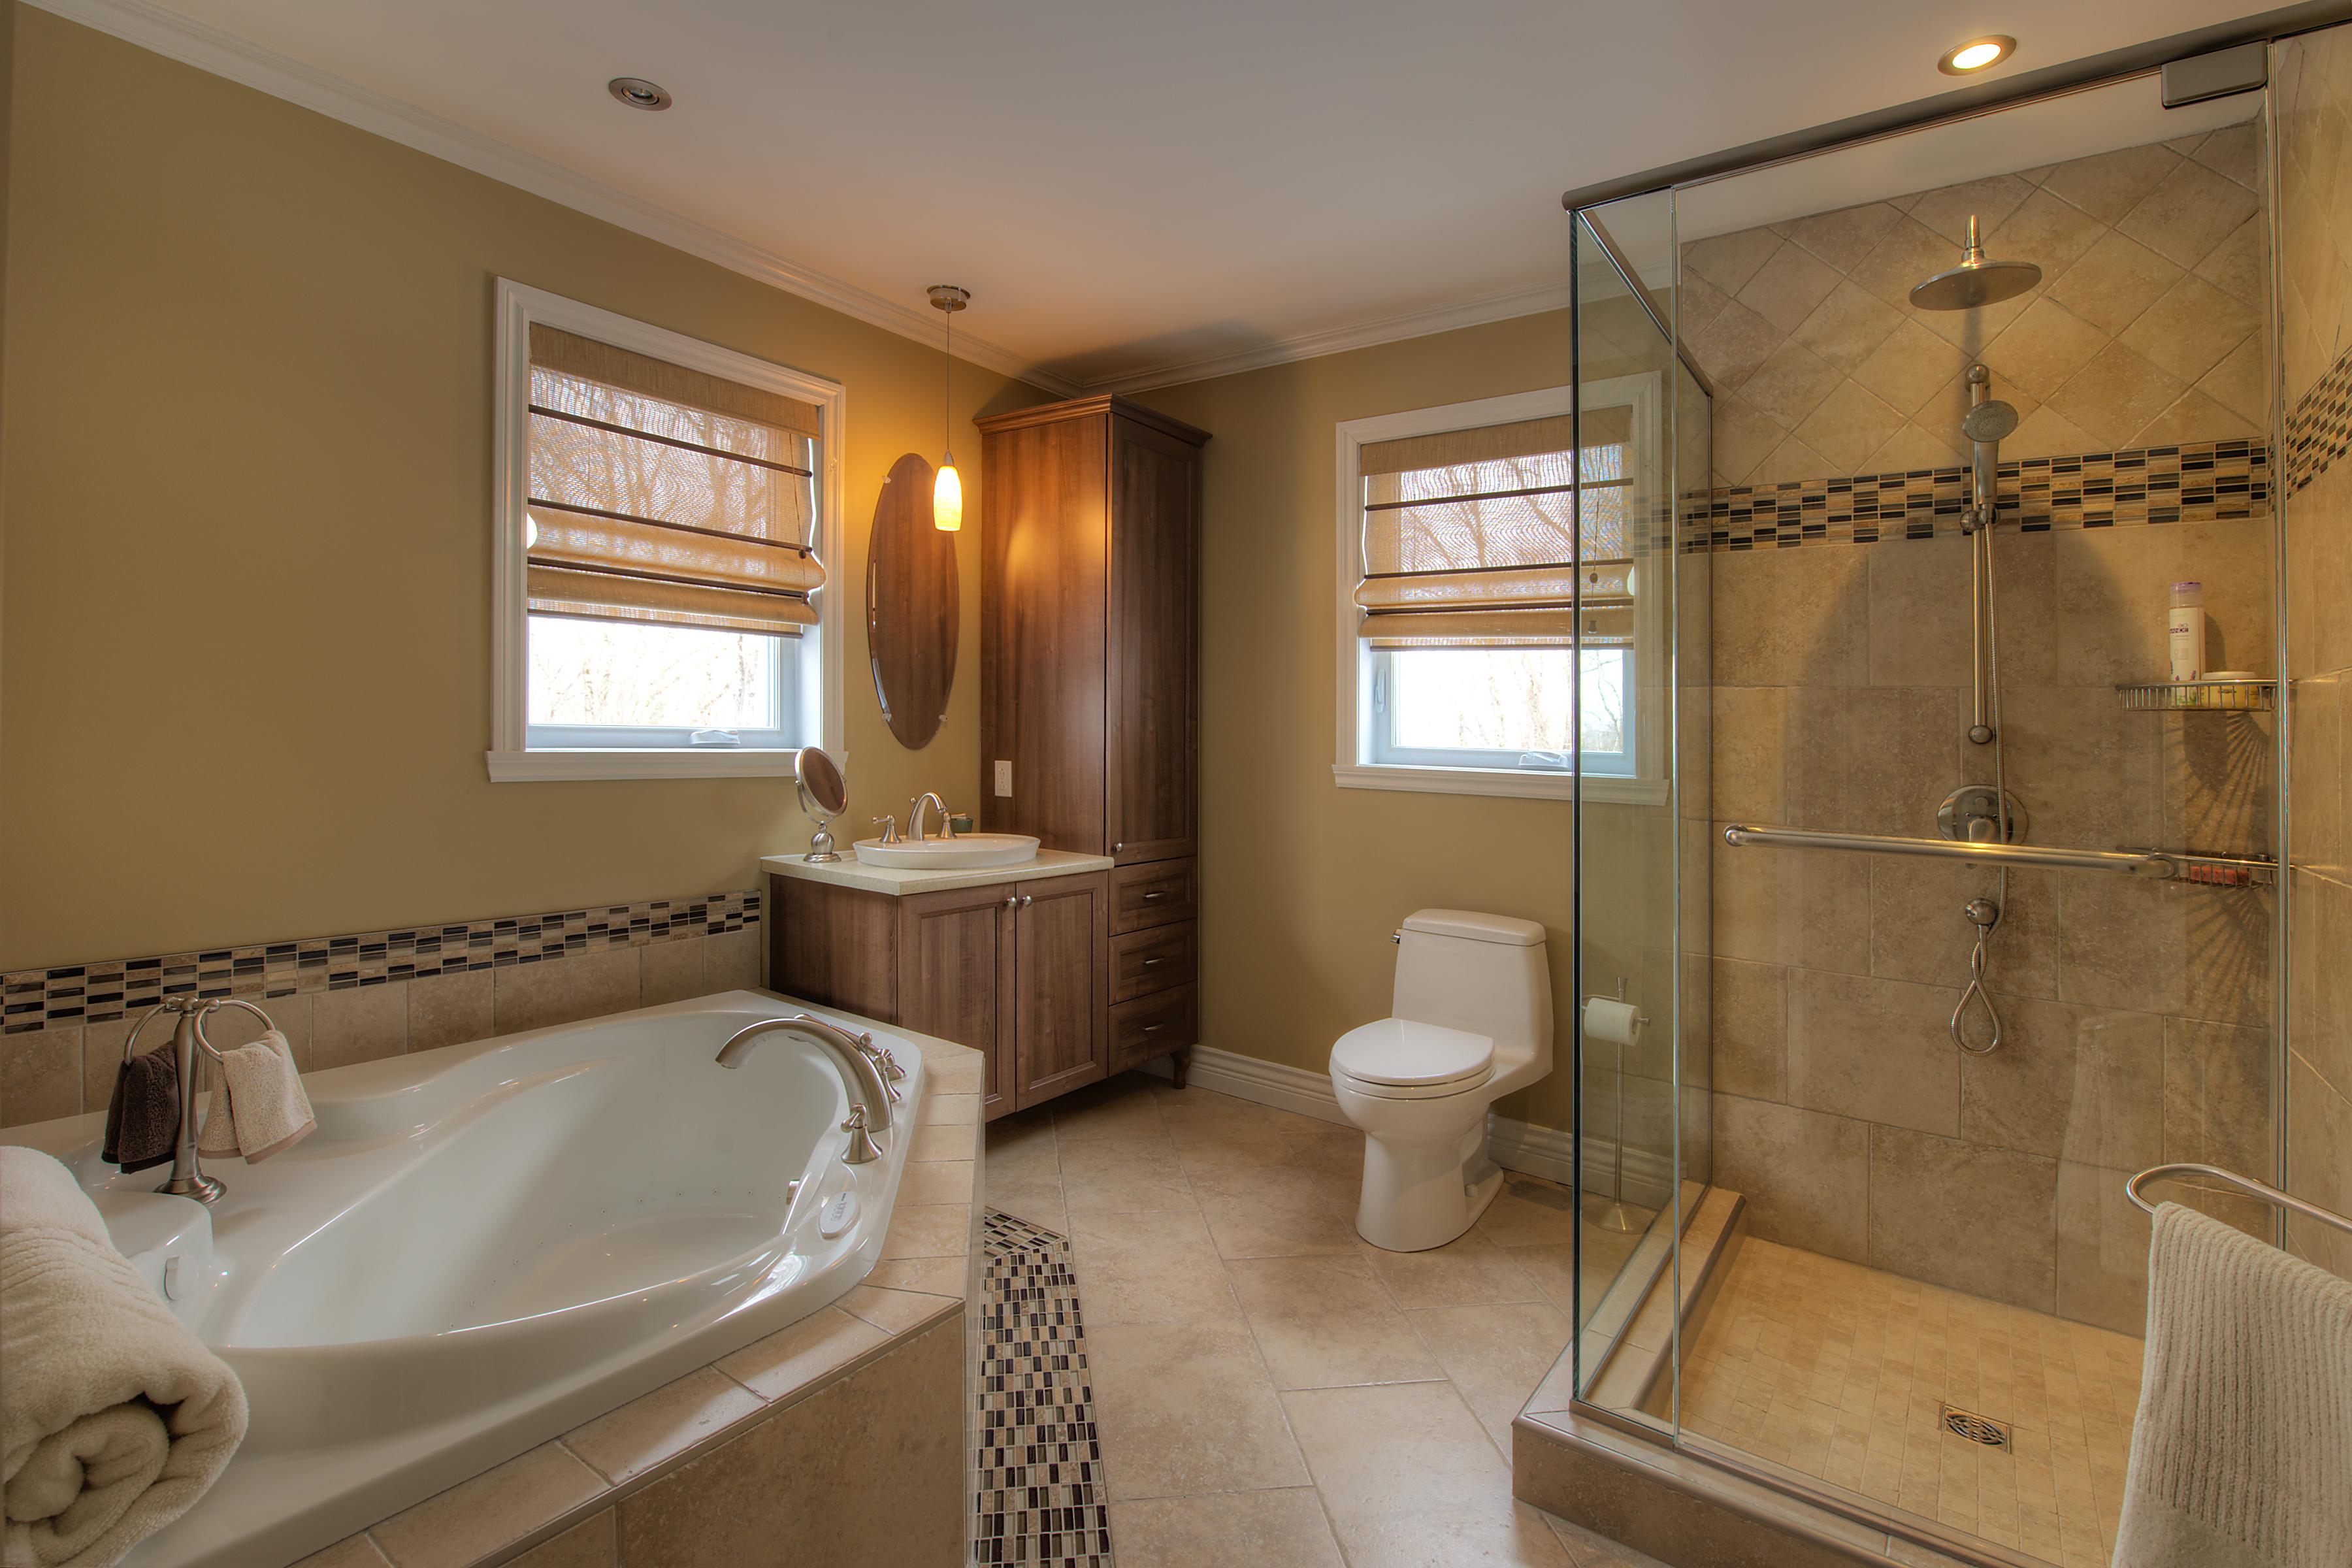 Fenetre Salle De Bain habillage-de-fenetres-salle-de-bain-lmdesign-rideaux